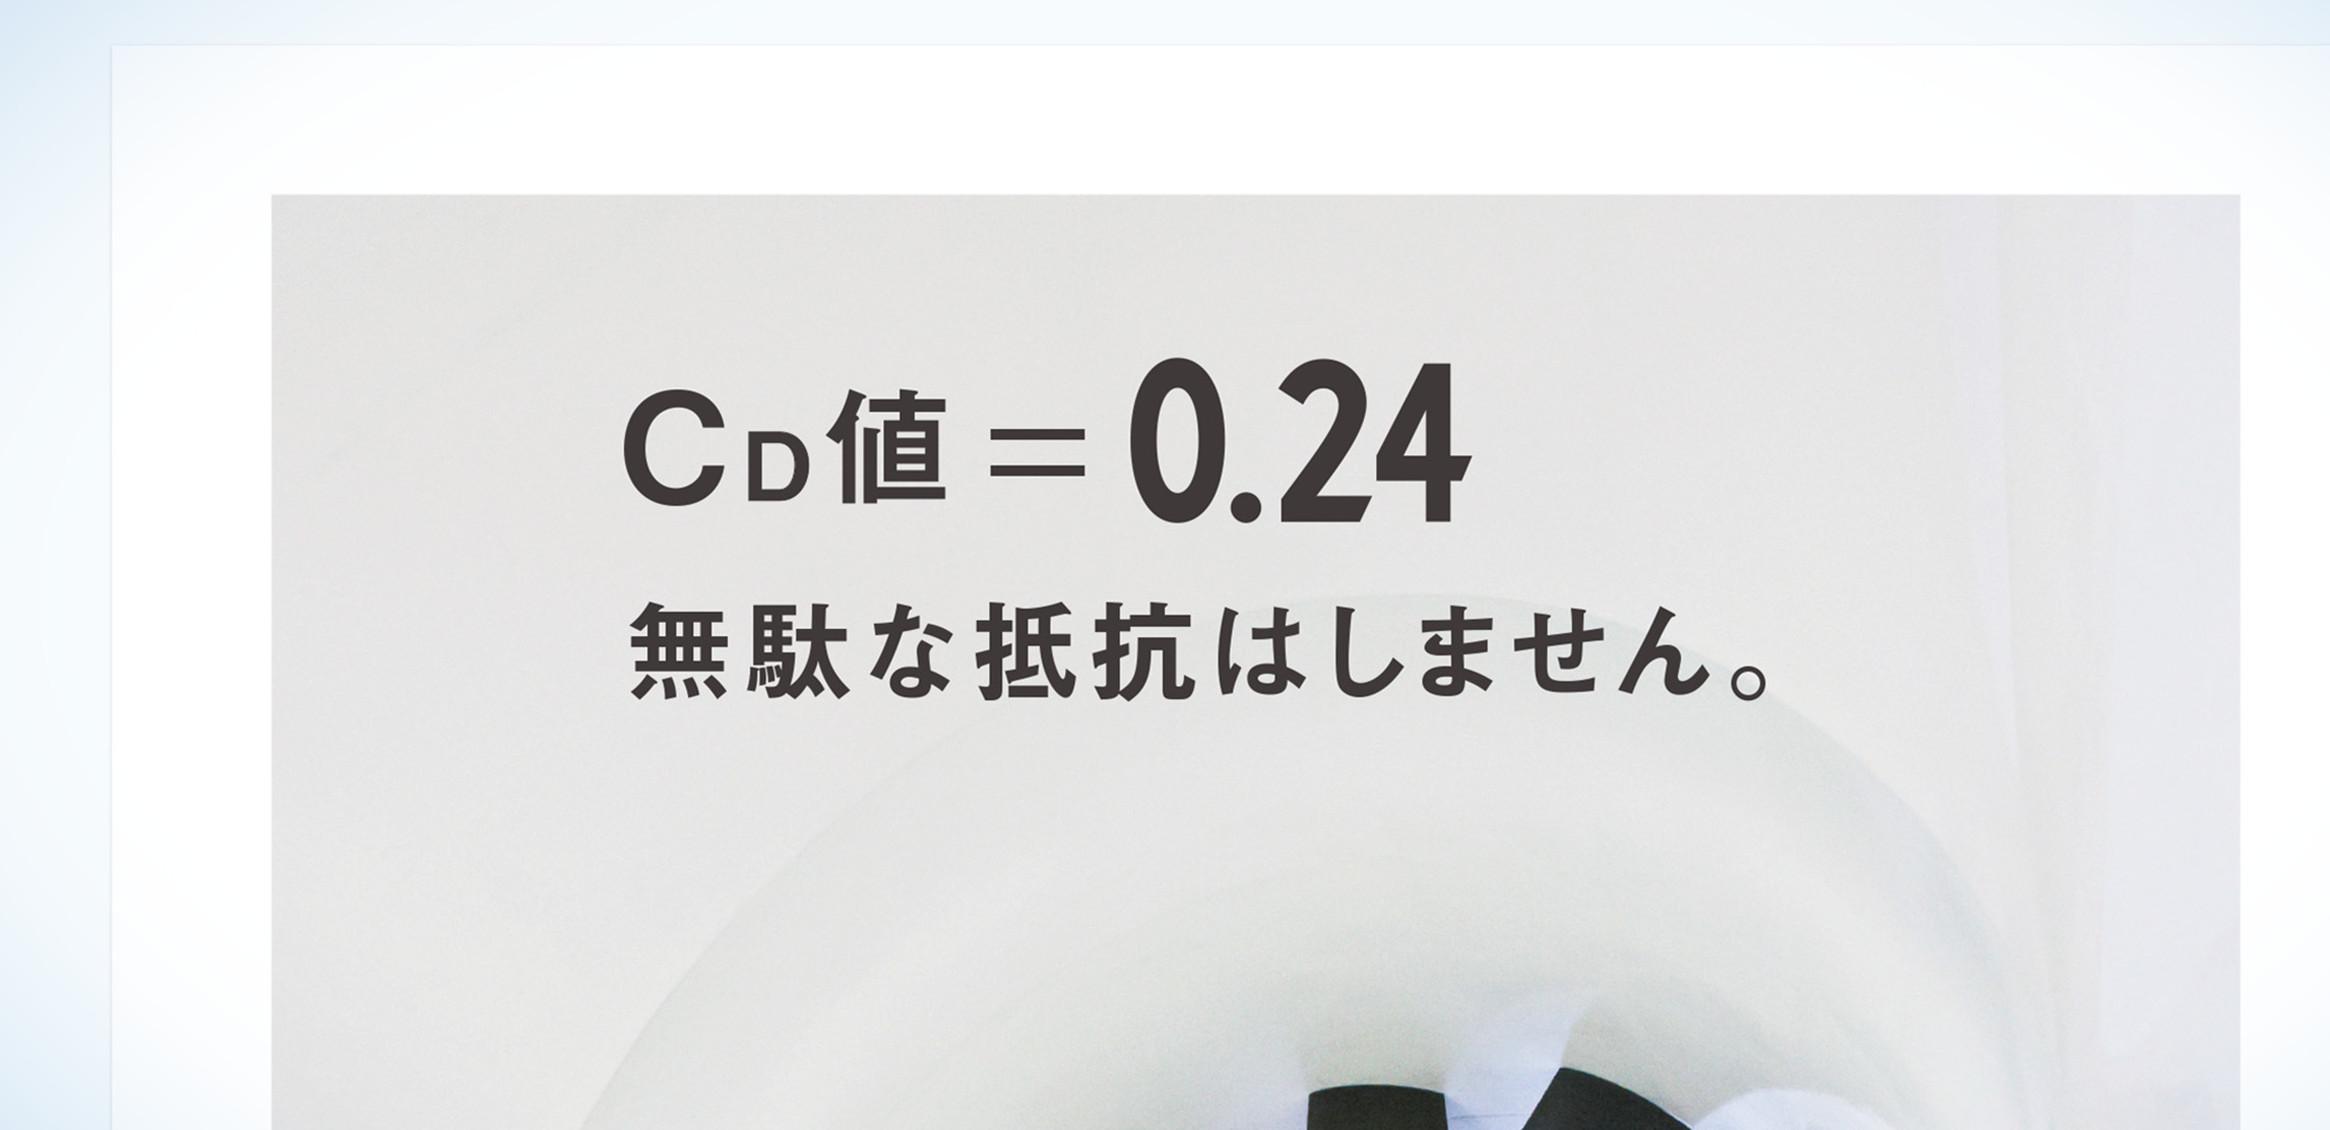 PRIUS カタログ6枚目